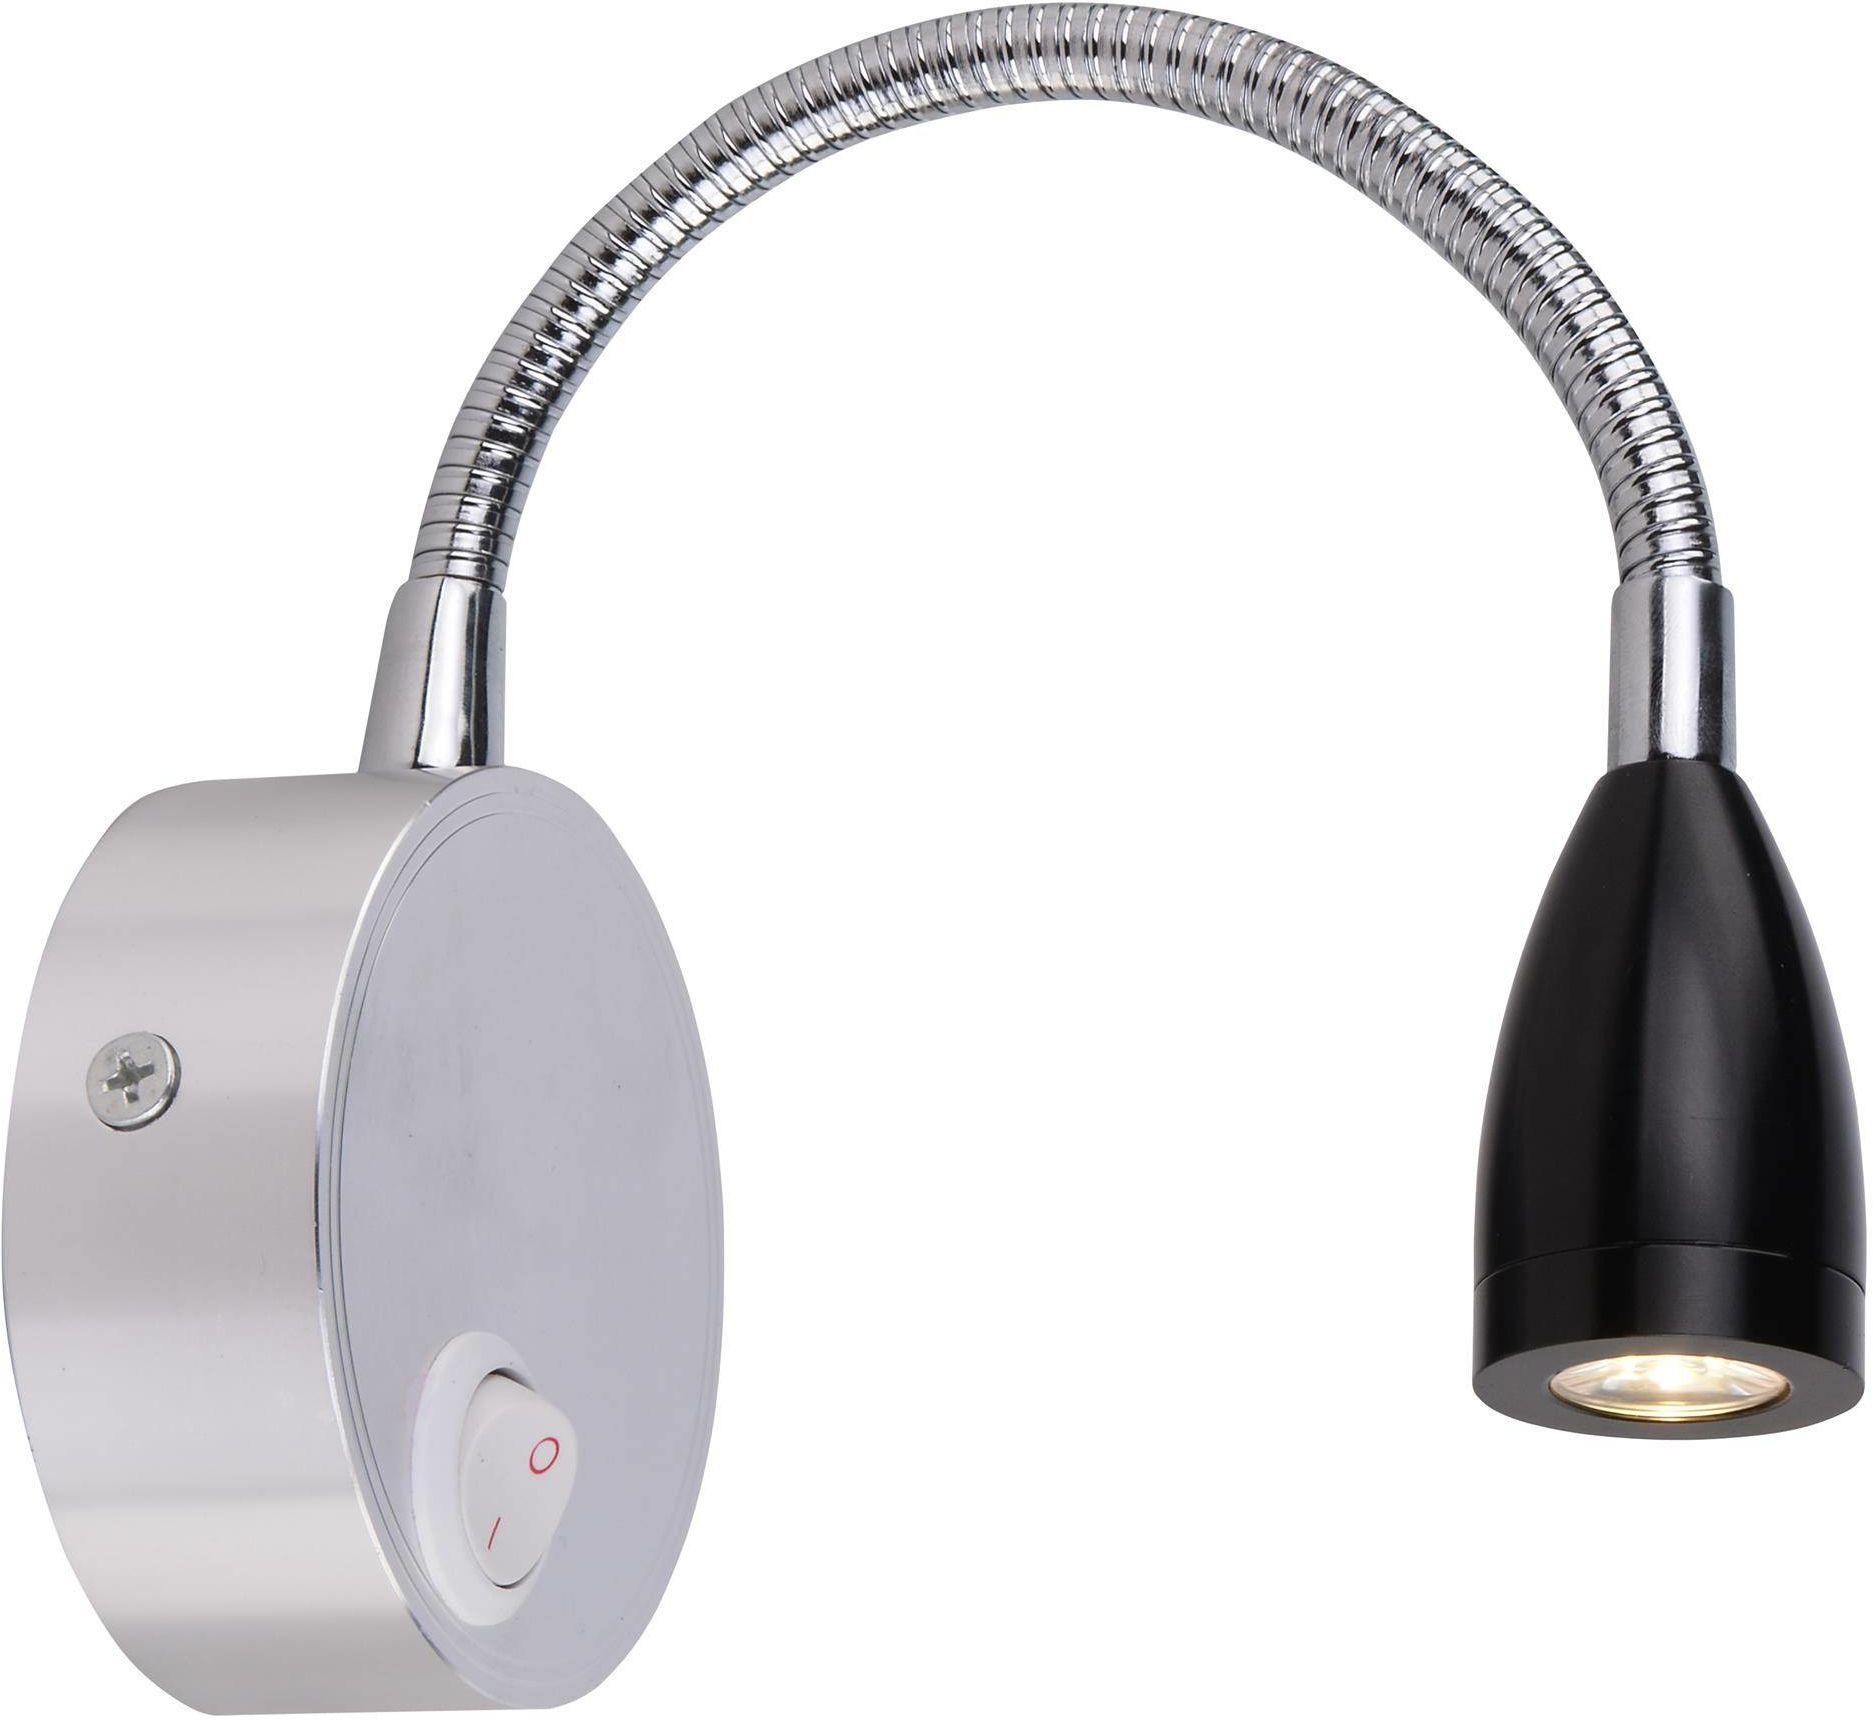 Candellux DINO 21-43122 kinkiet lampa ścienna chrom aluminium klosz czarny 3W LED